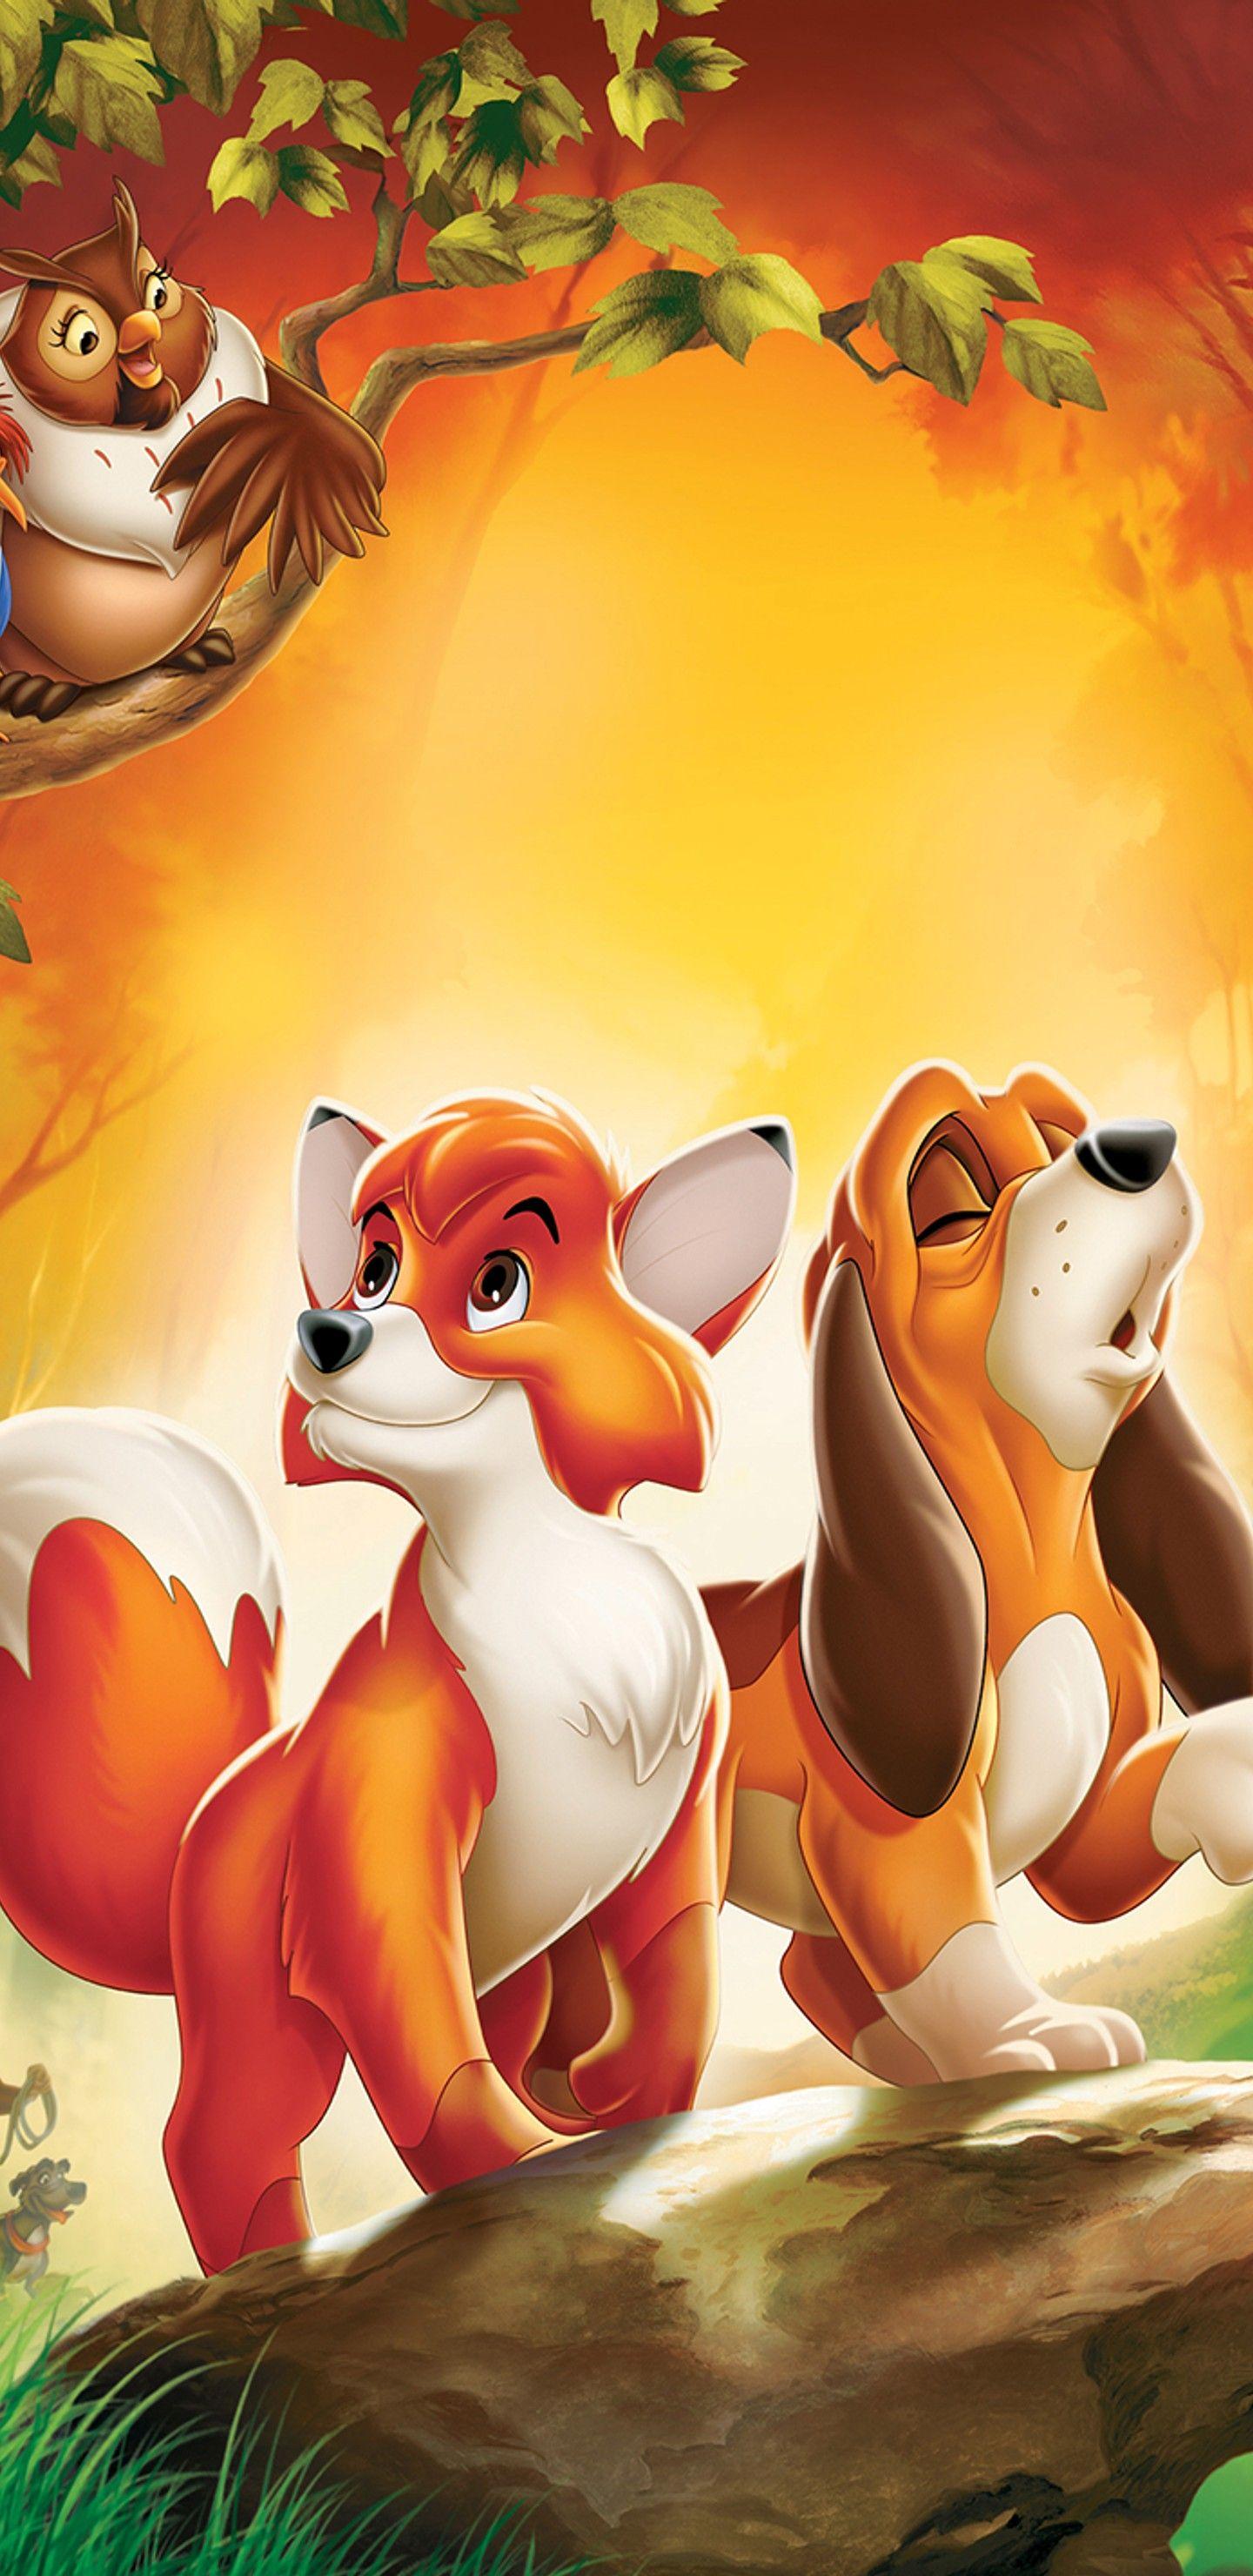 The Fox And The Hound O Cao E A Raposa 1981 Disney Artwork Disney Drawings The Fox And The Hound